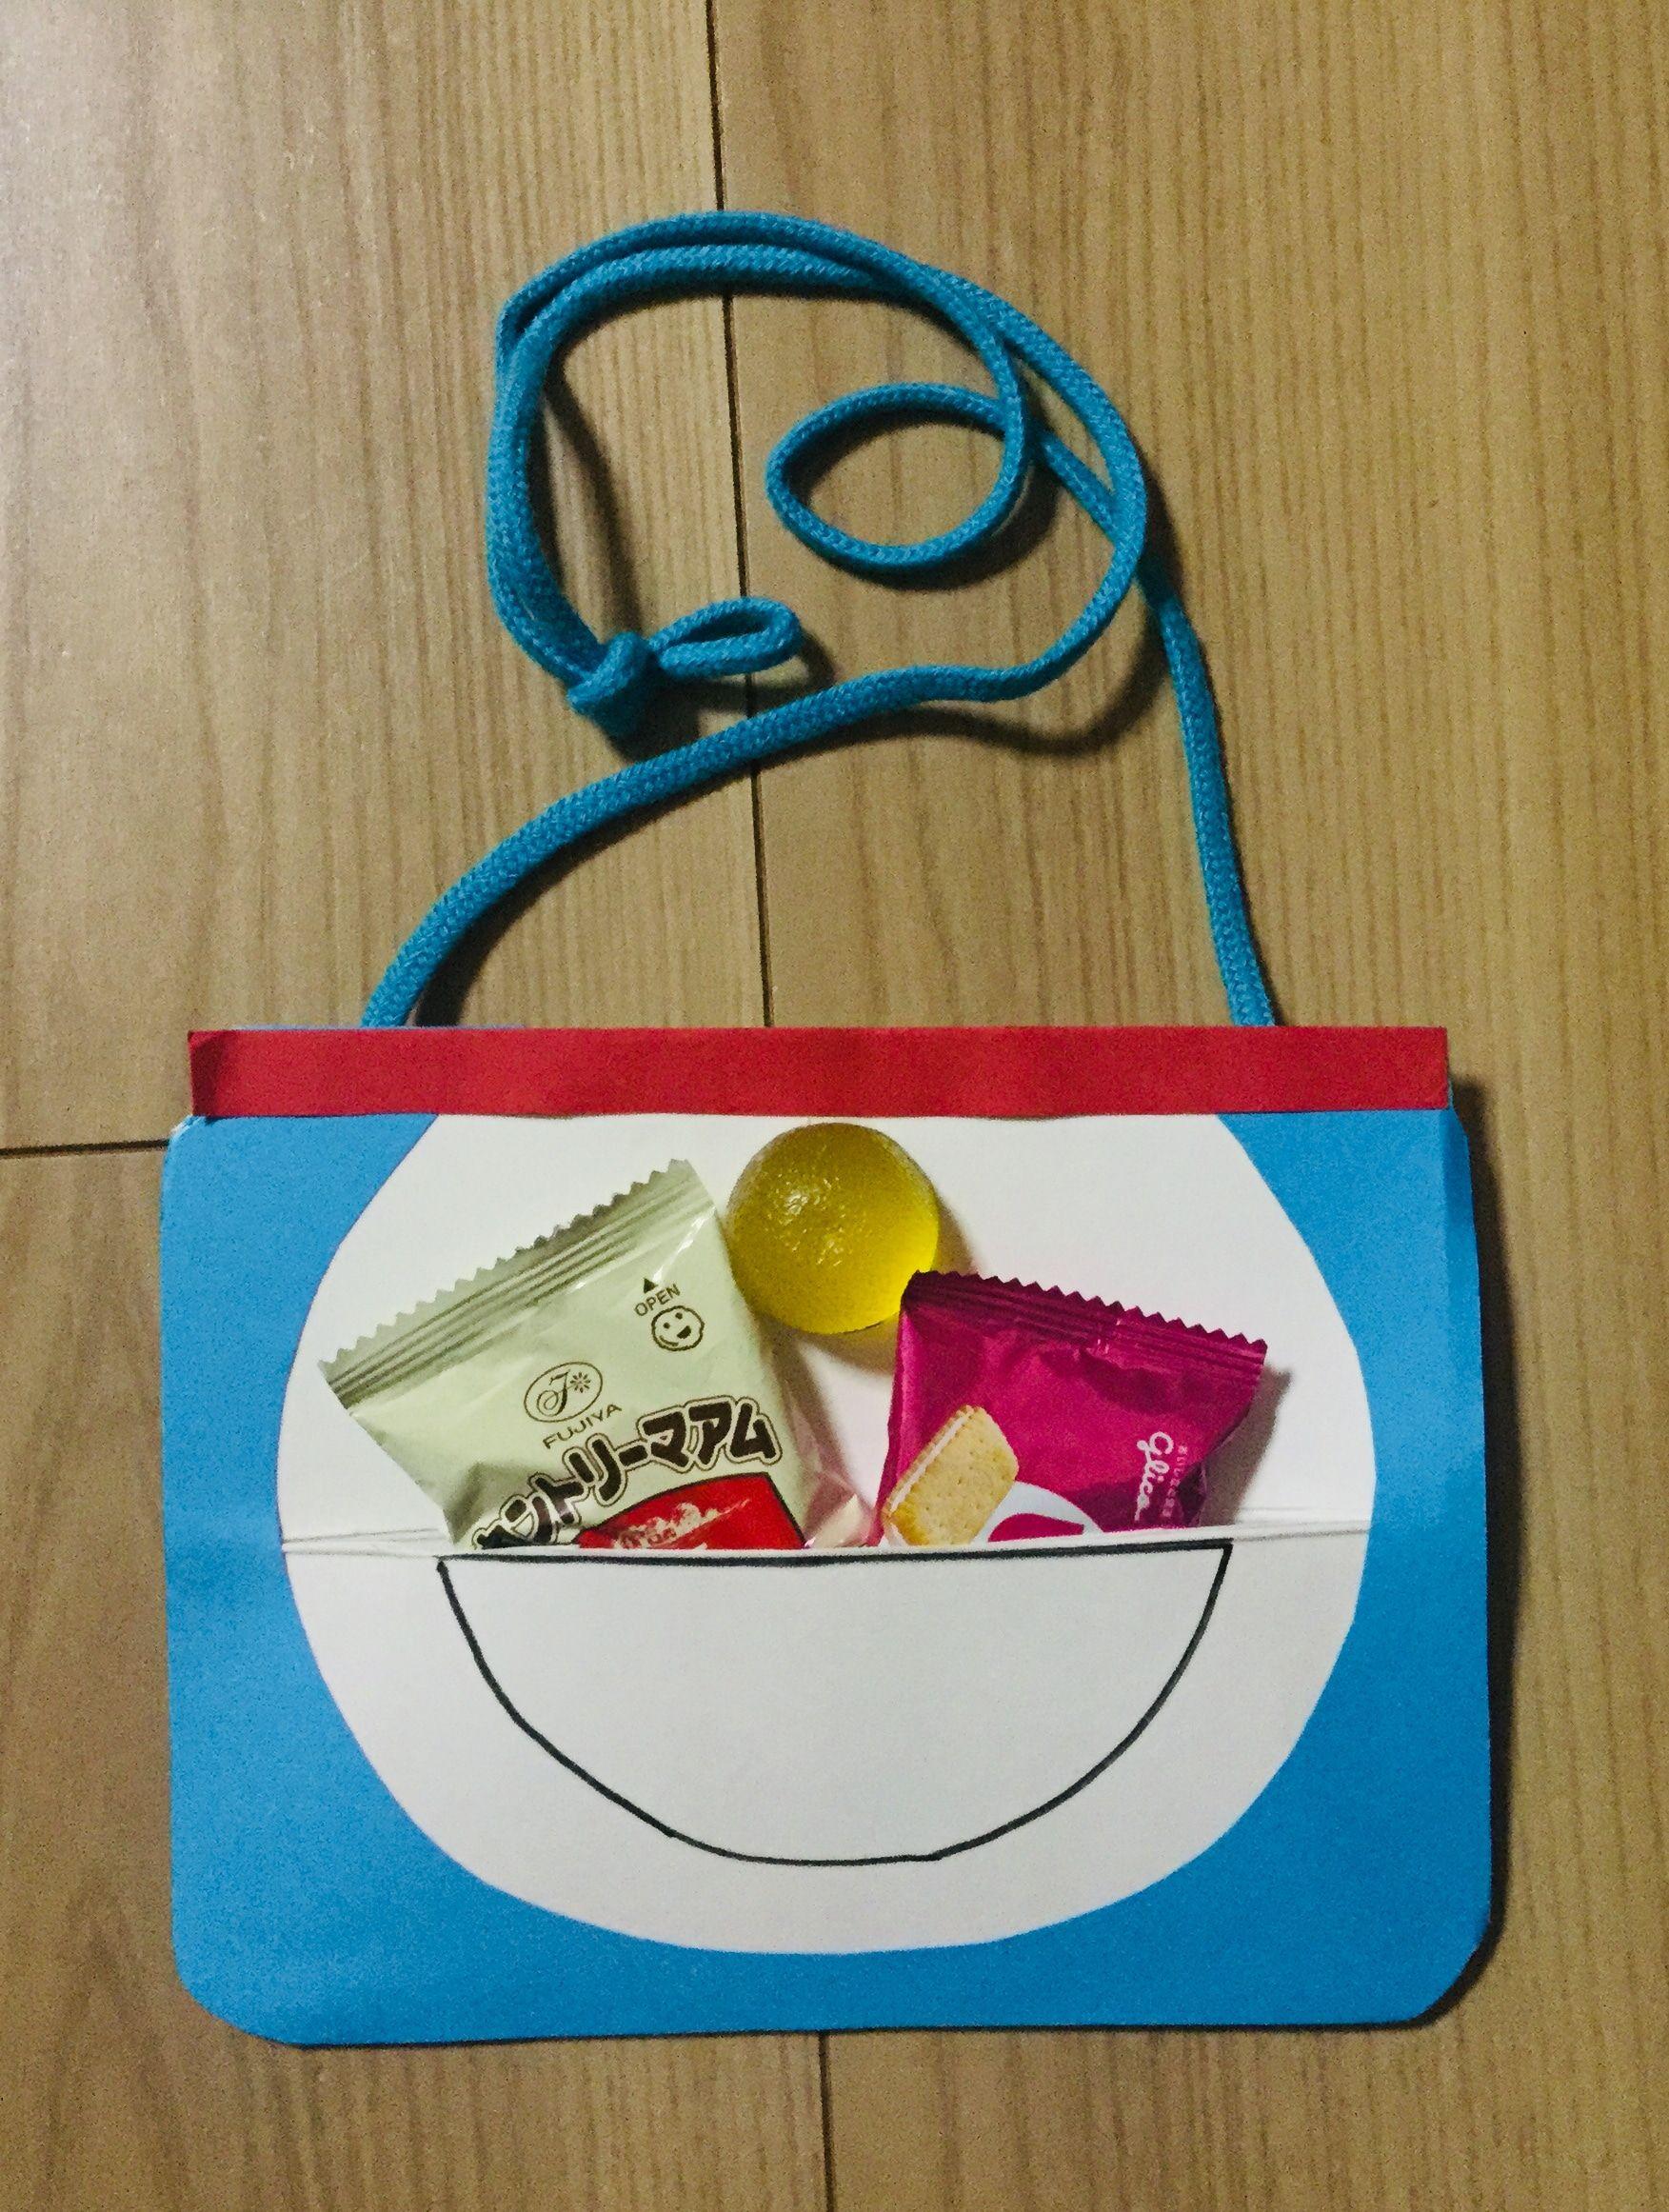 ドラえもんポケット 幼稚園バザー 作り方 ドラえもん ポケット 幼稚園の工作 運動会 製作